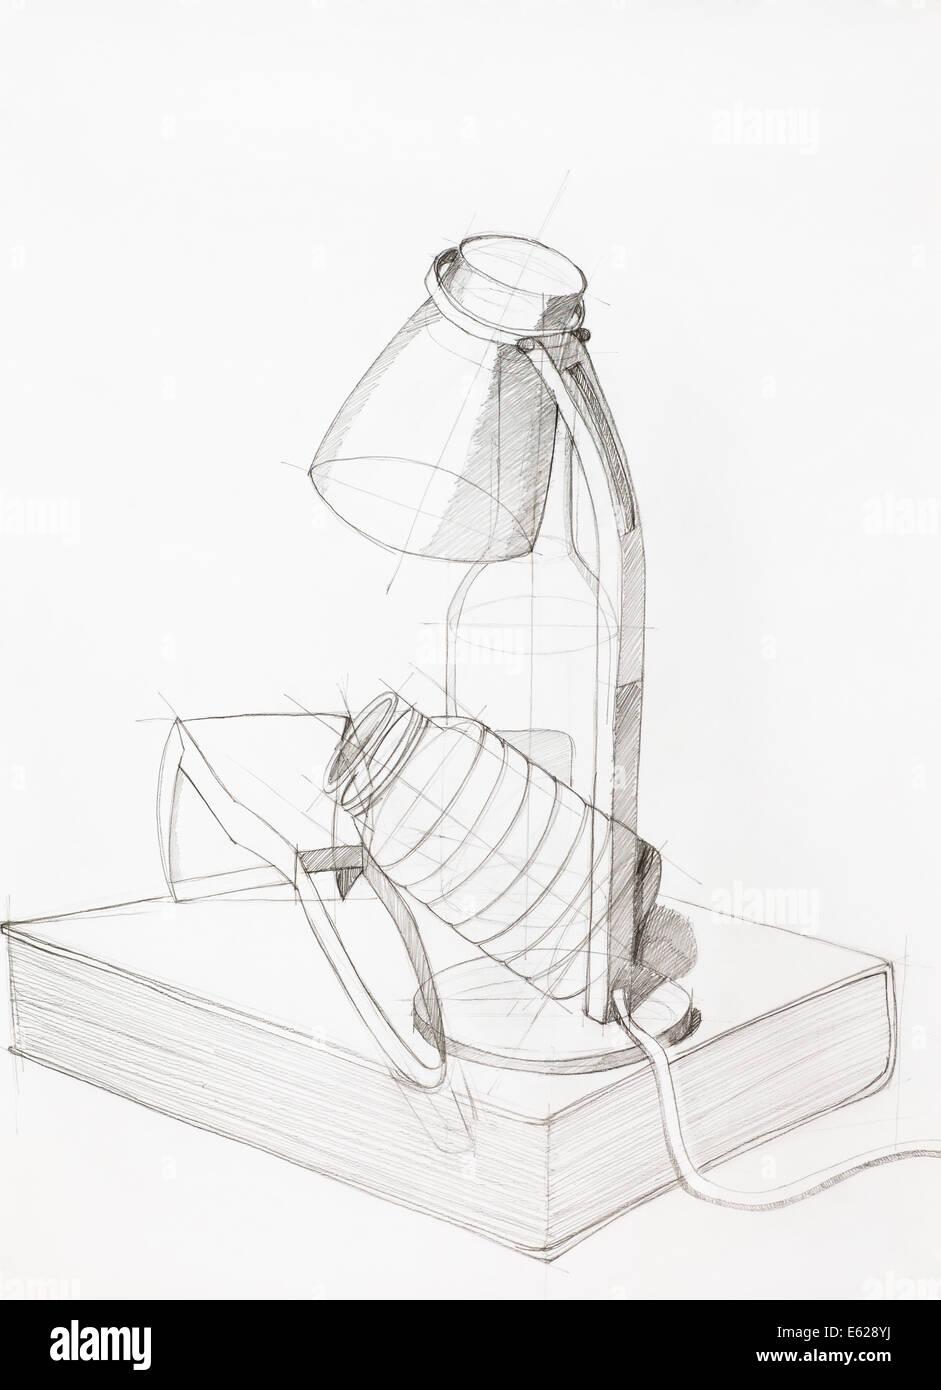 Disegnata a mano studio artistico composizione con gli oggetti Immagini Stock